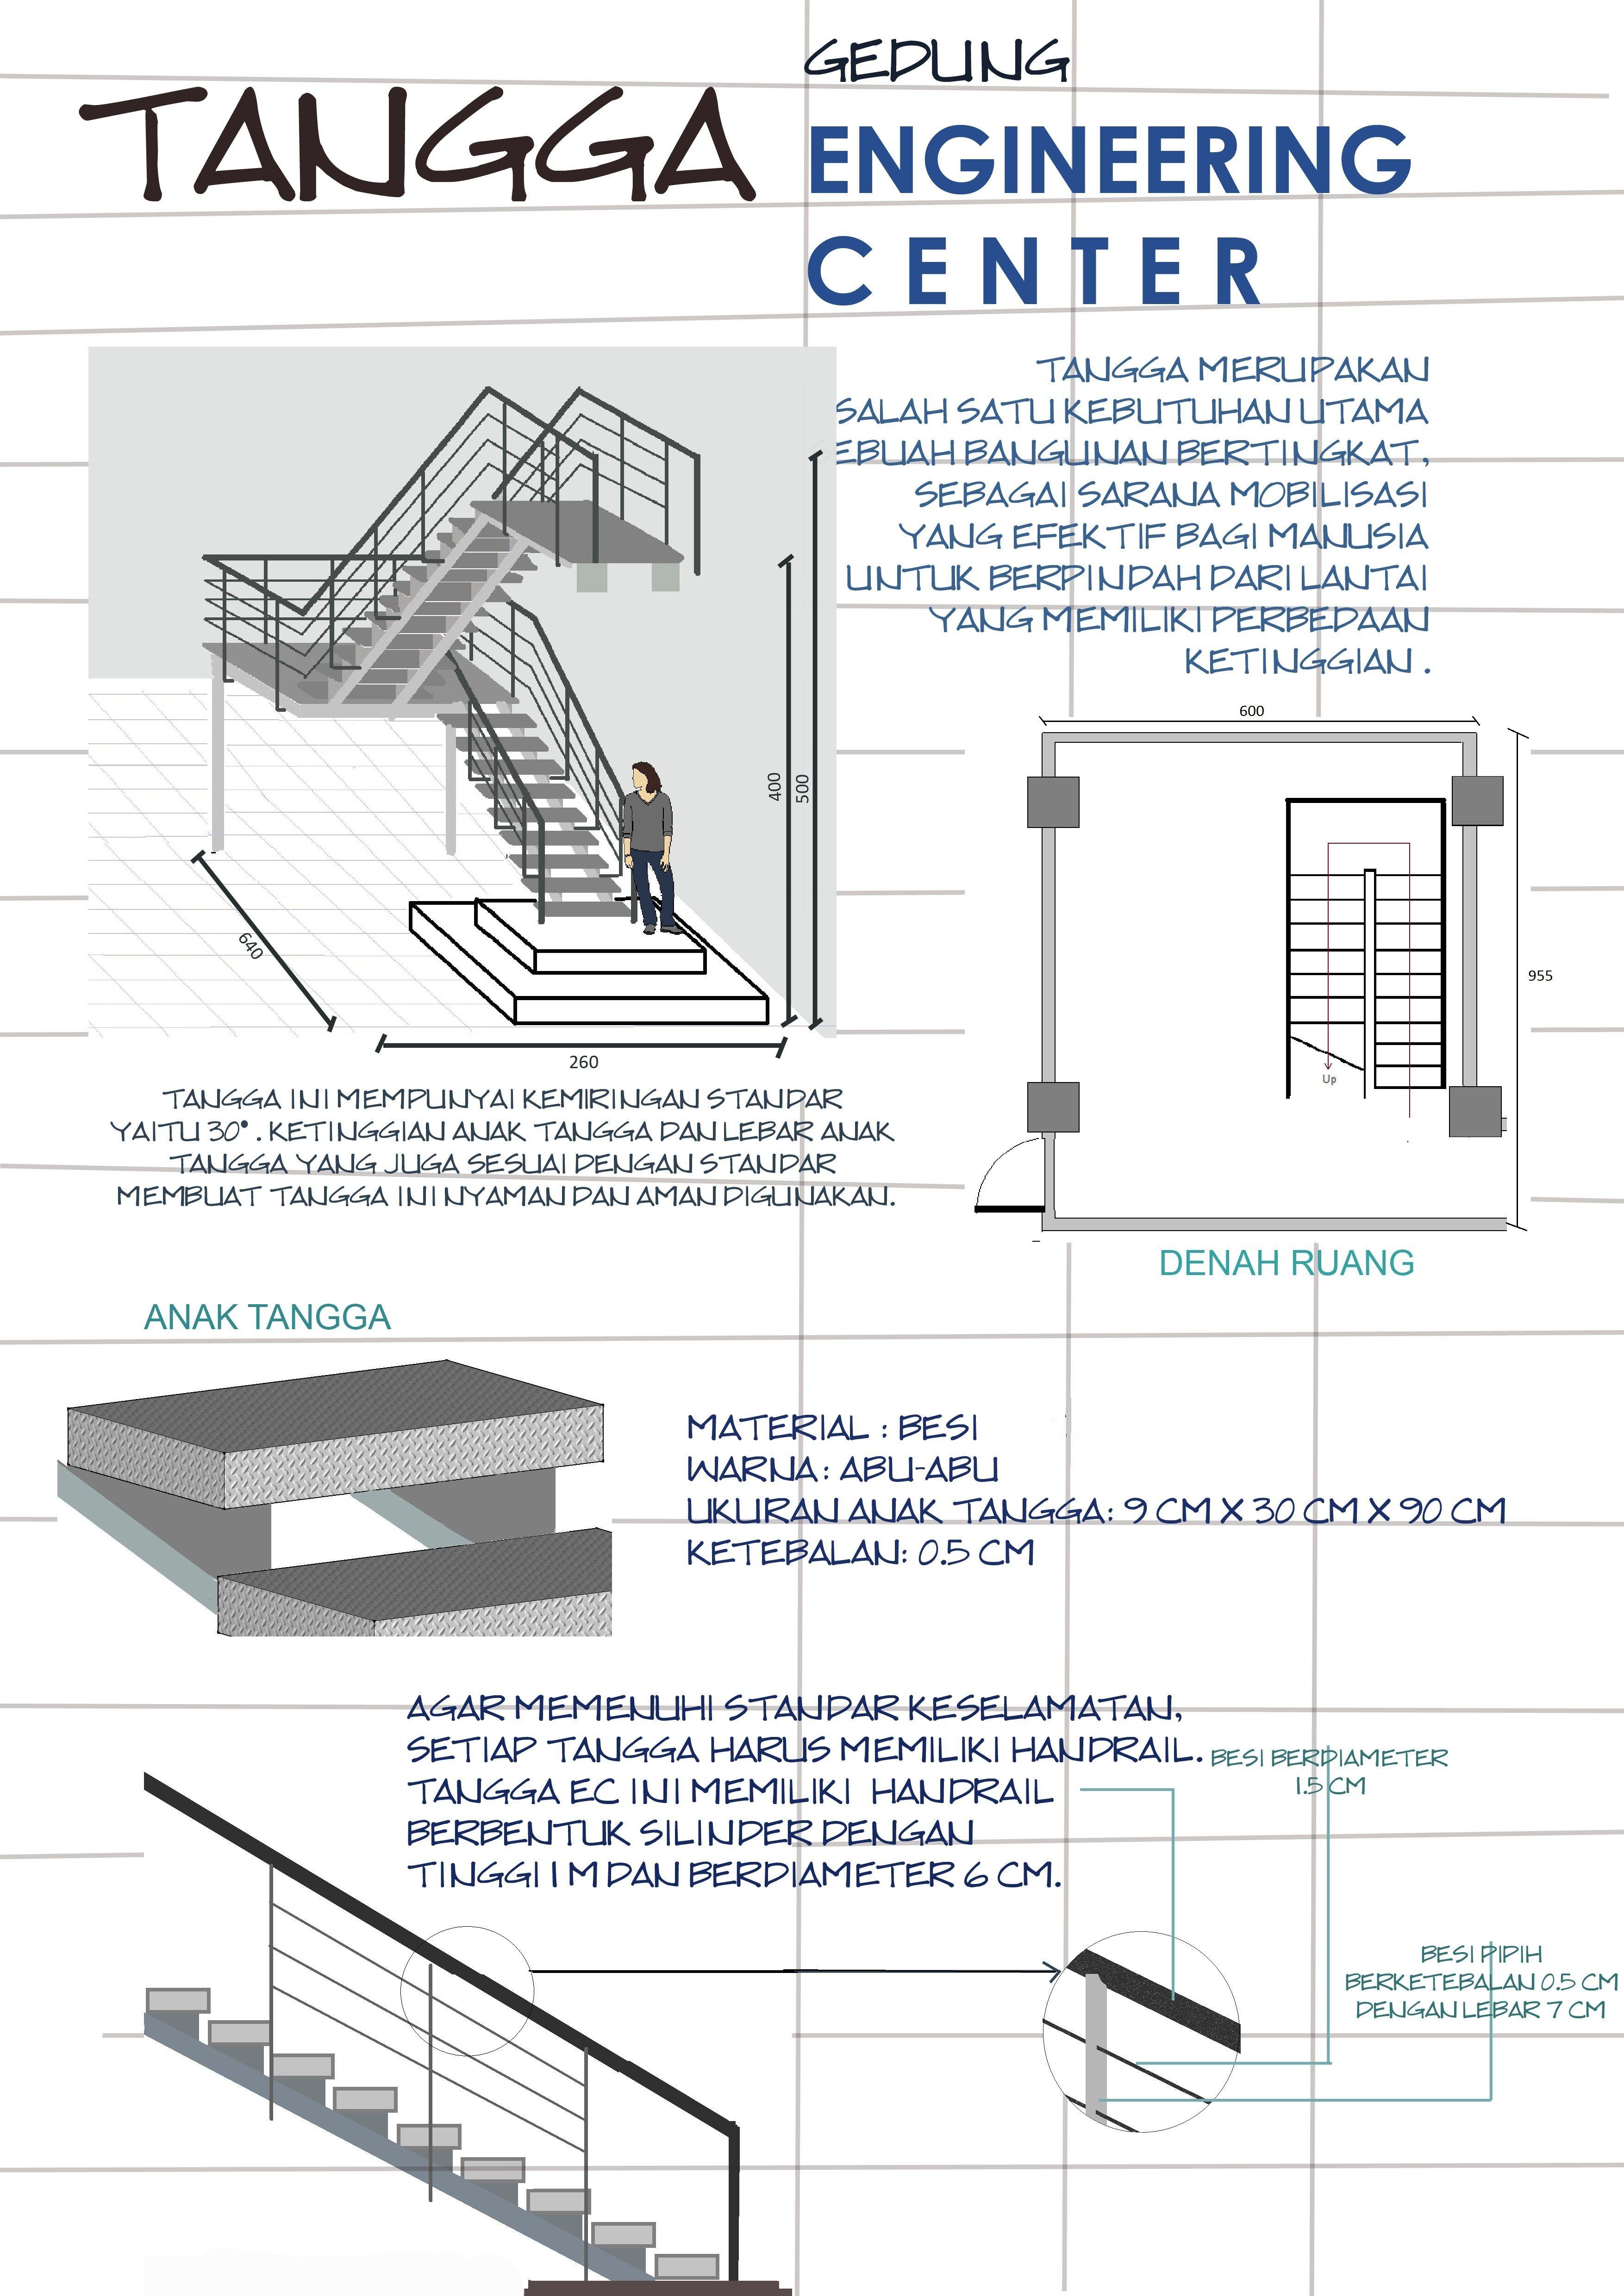 Aplikasi Gambar Arsitektur